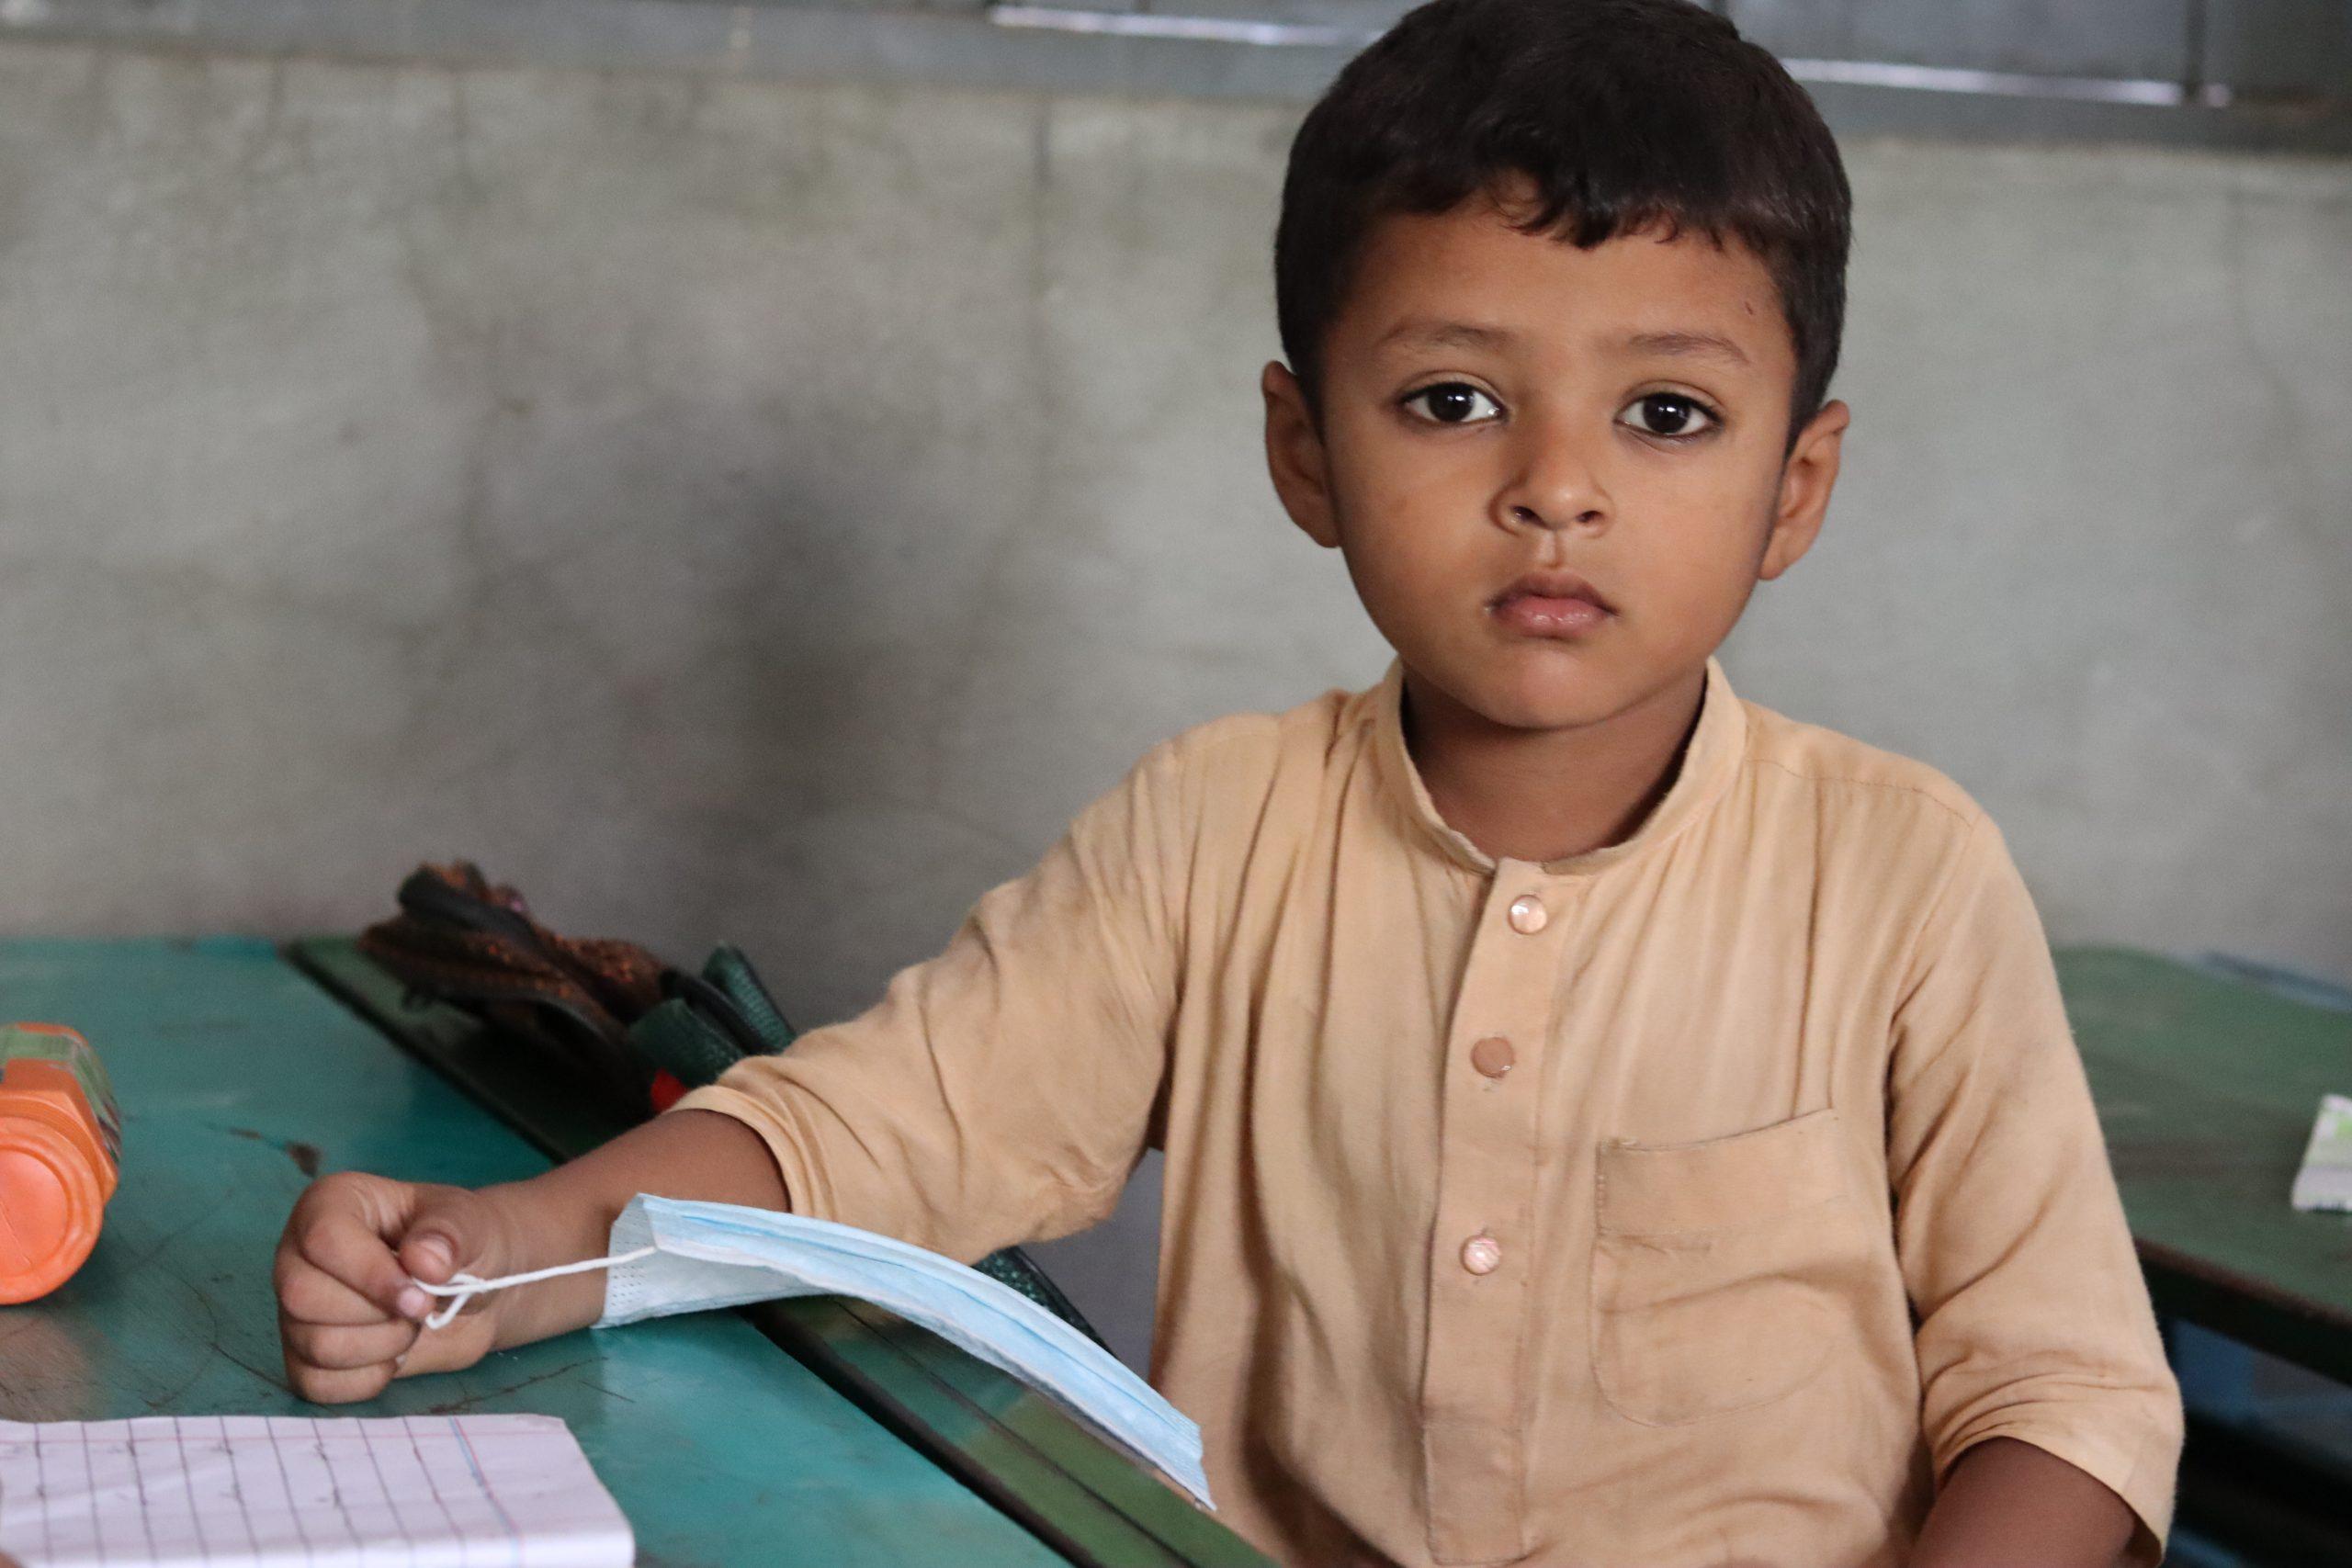 گورنمنٹ  ایم سی پرائمری  سکول رحیم آباد (ملتان) میں جماعت  نرسری کے طالب علم سنجیدہ موڈ میں